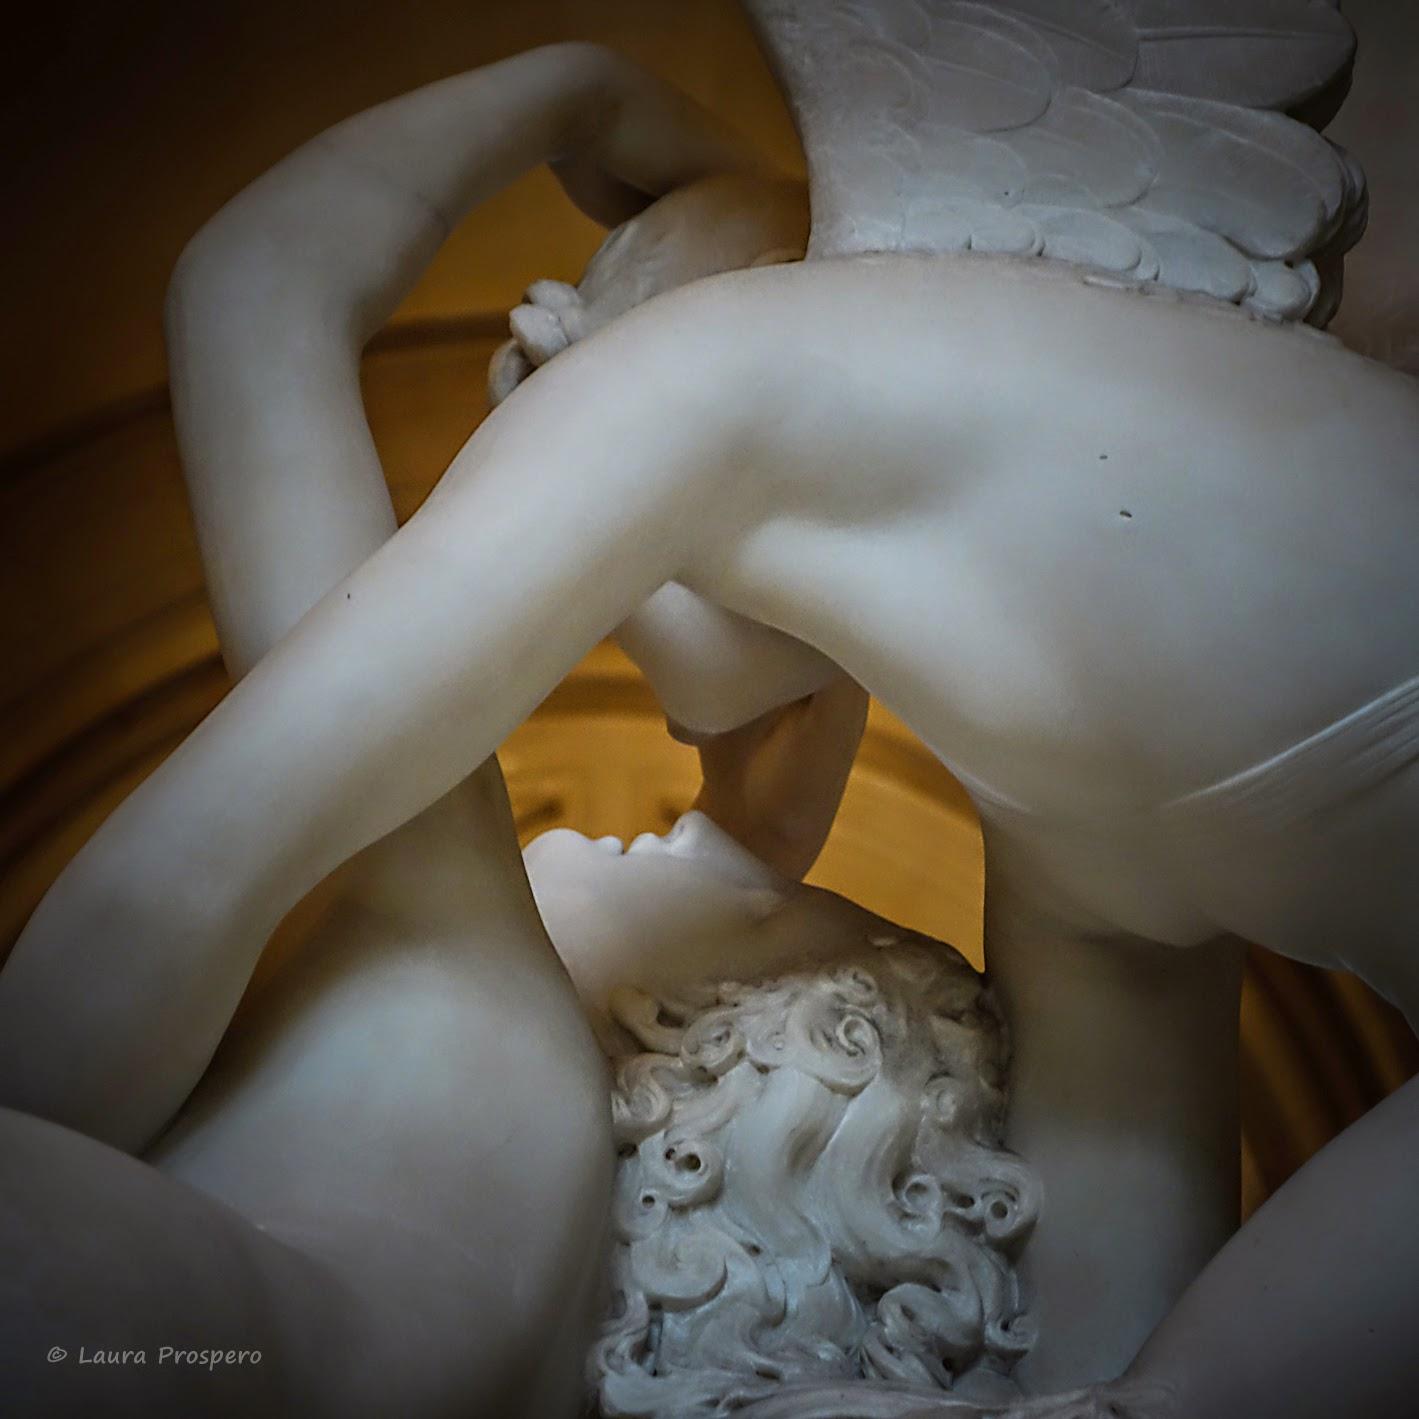 Amour et Psyché- Antonio Canova  - Musée du Louvre © Laura Prospero